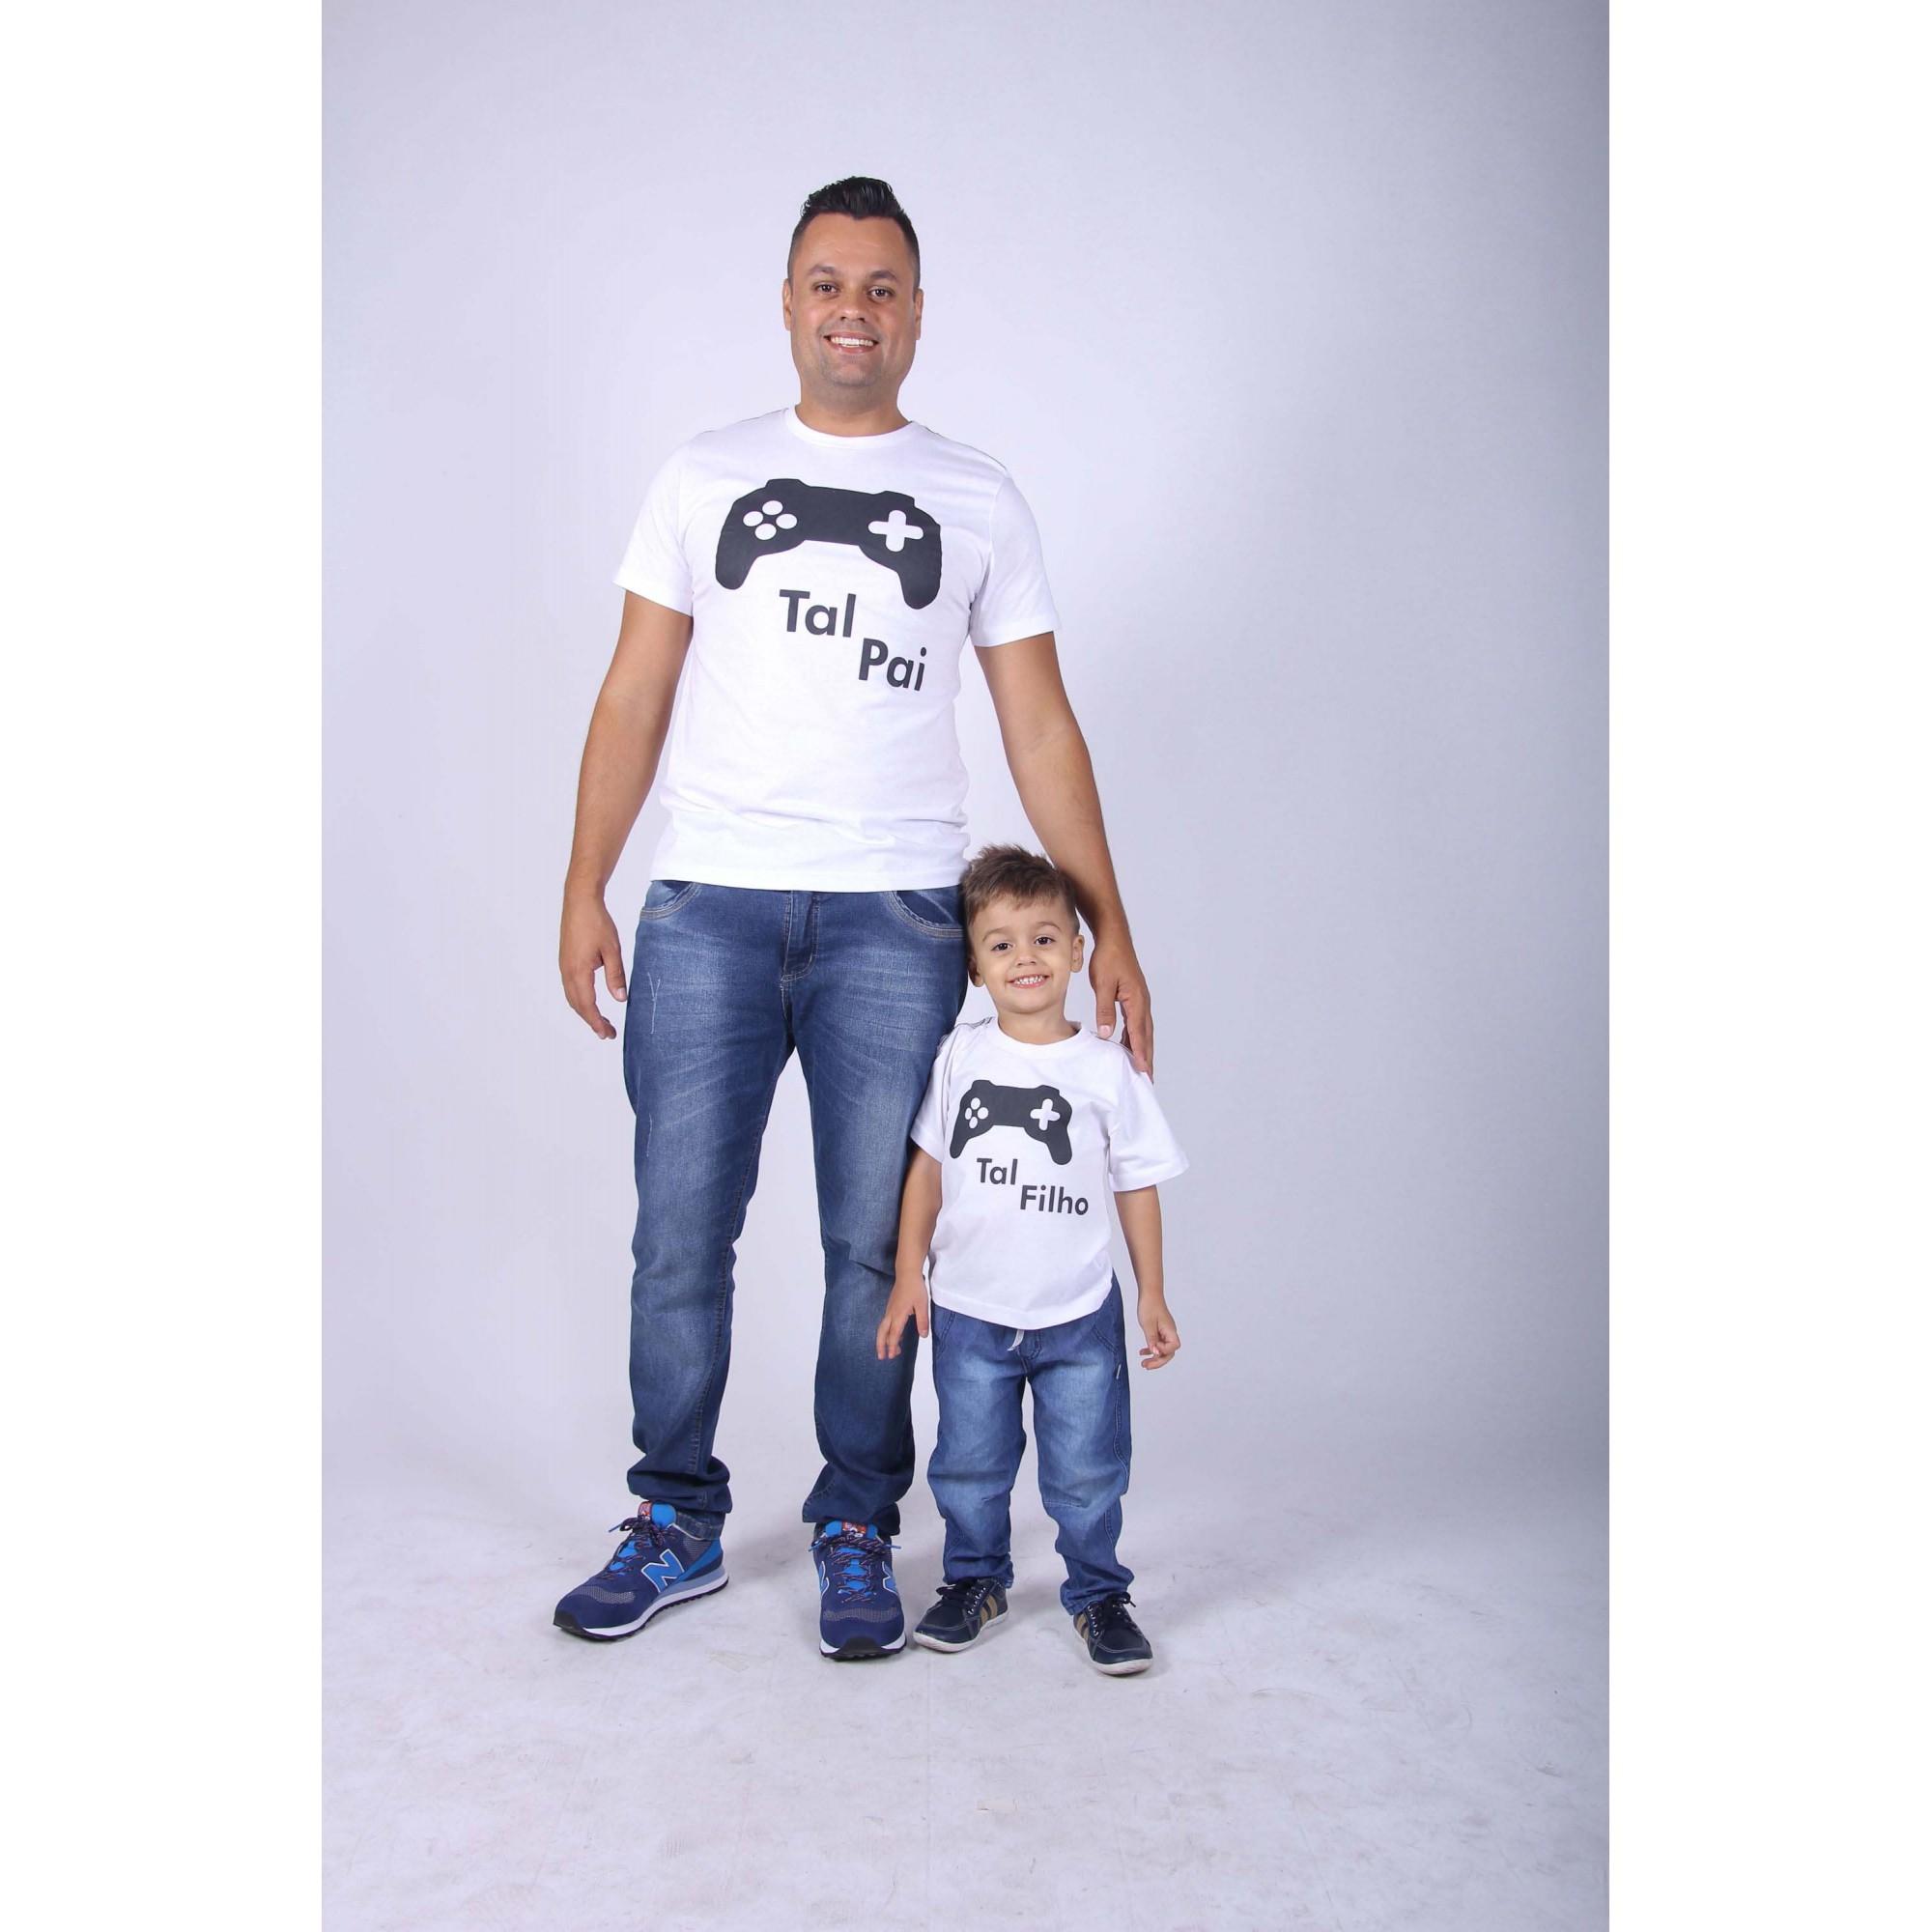 PAI E FILHOS > 02 Camisetas - Preto - Game  [Coleção Tal Pai Tal Filho]  - Heitor Fashion Brazil